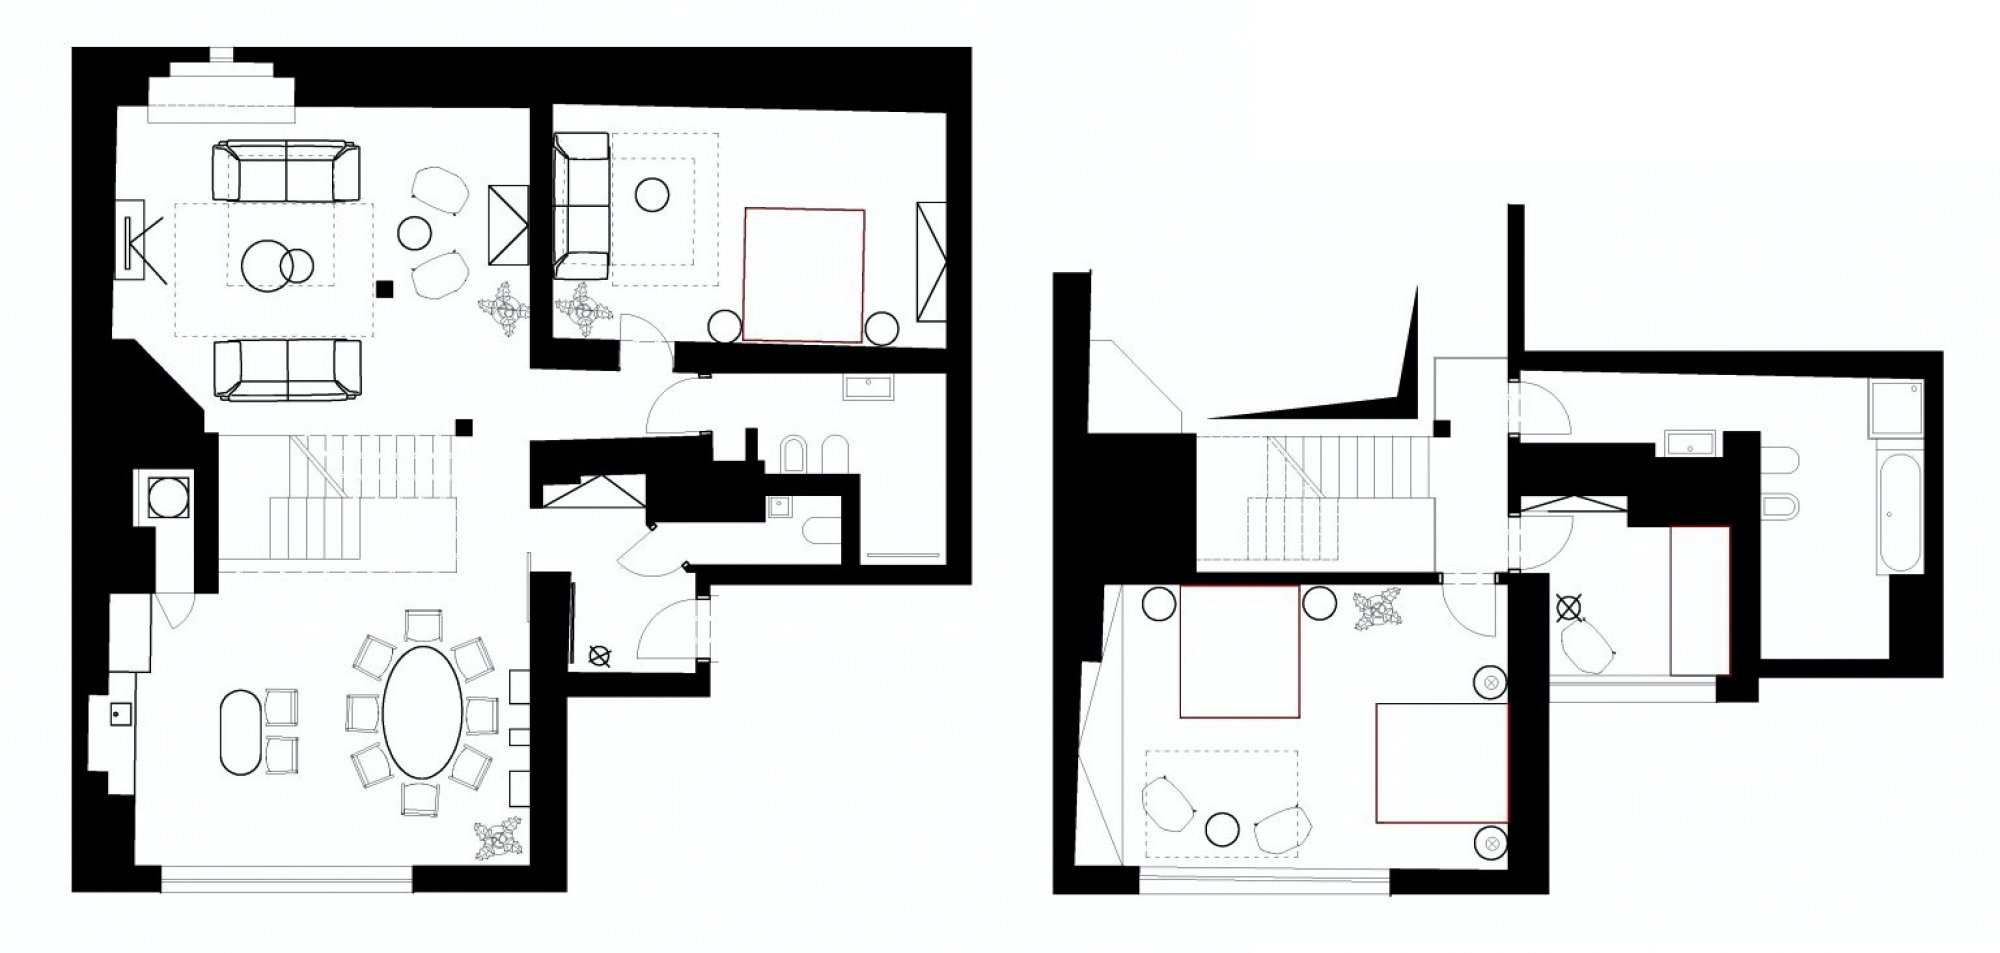 Půdorys - Půdní byt 3+kk, plocha 178 m², ulice Navrátilova, Praha 1 - Nové Město